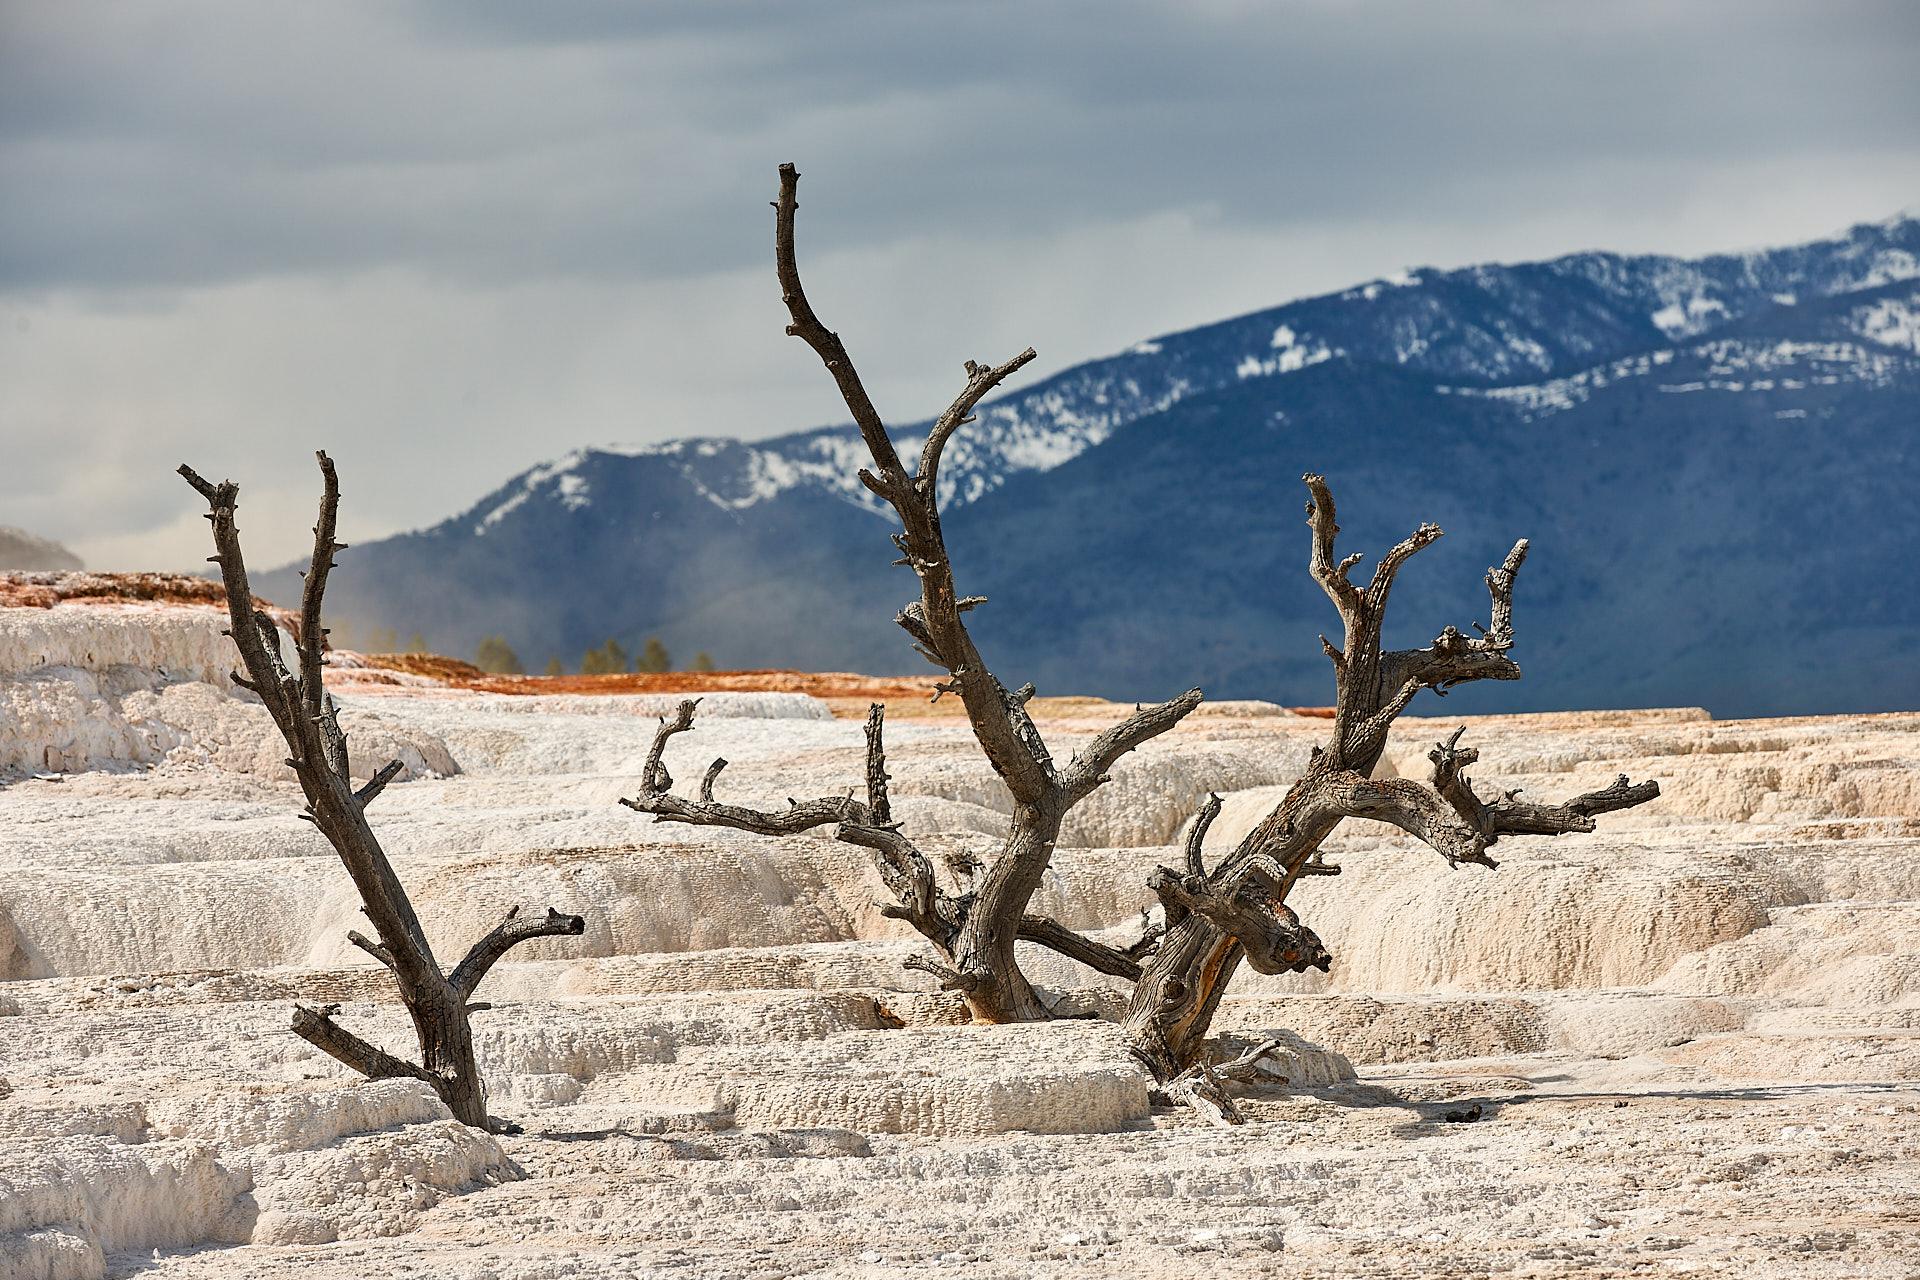 Auch dieser alte Baum hatte sich einen ungünstigen Ort zu Wachsen herausgesucht.Kamera: NIKON D3X Brennweite: 150mm 1/250 s bei Blende f/8.0